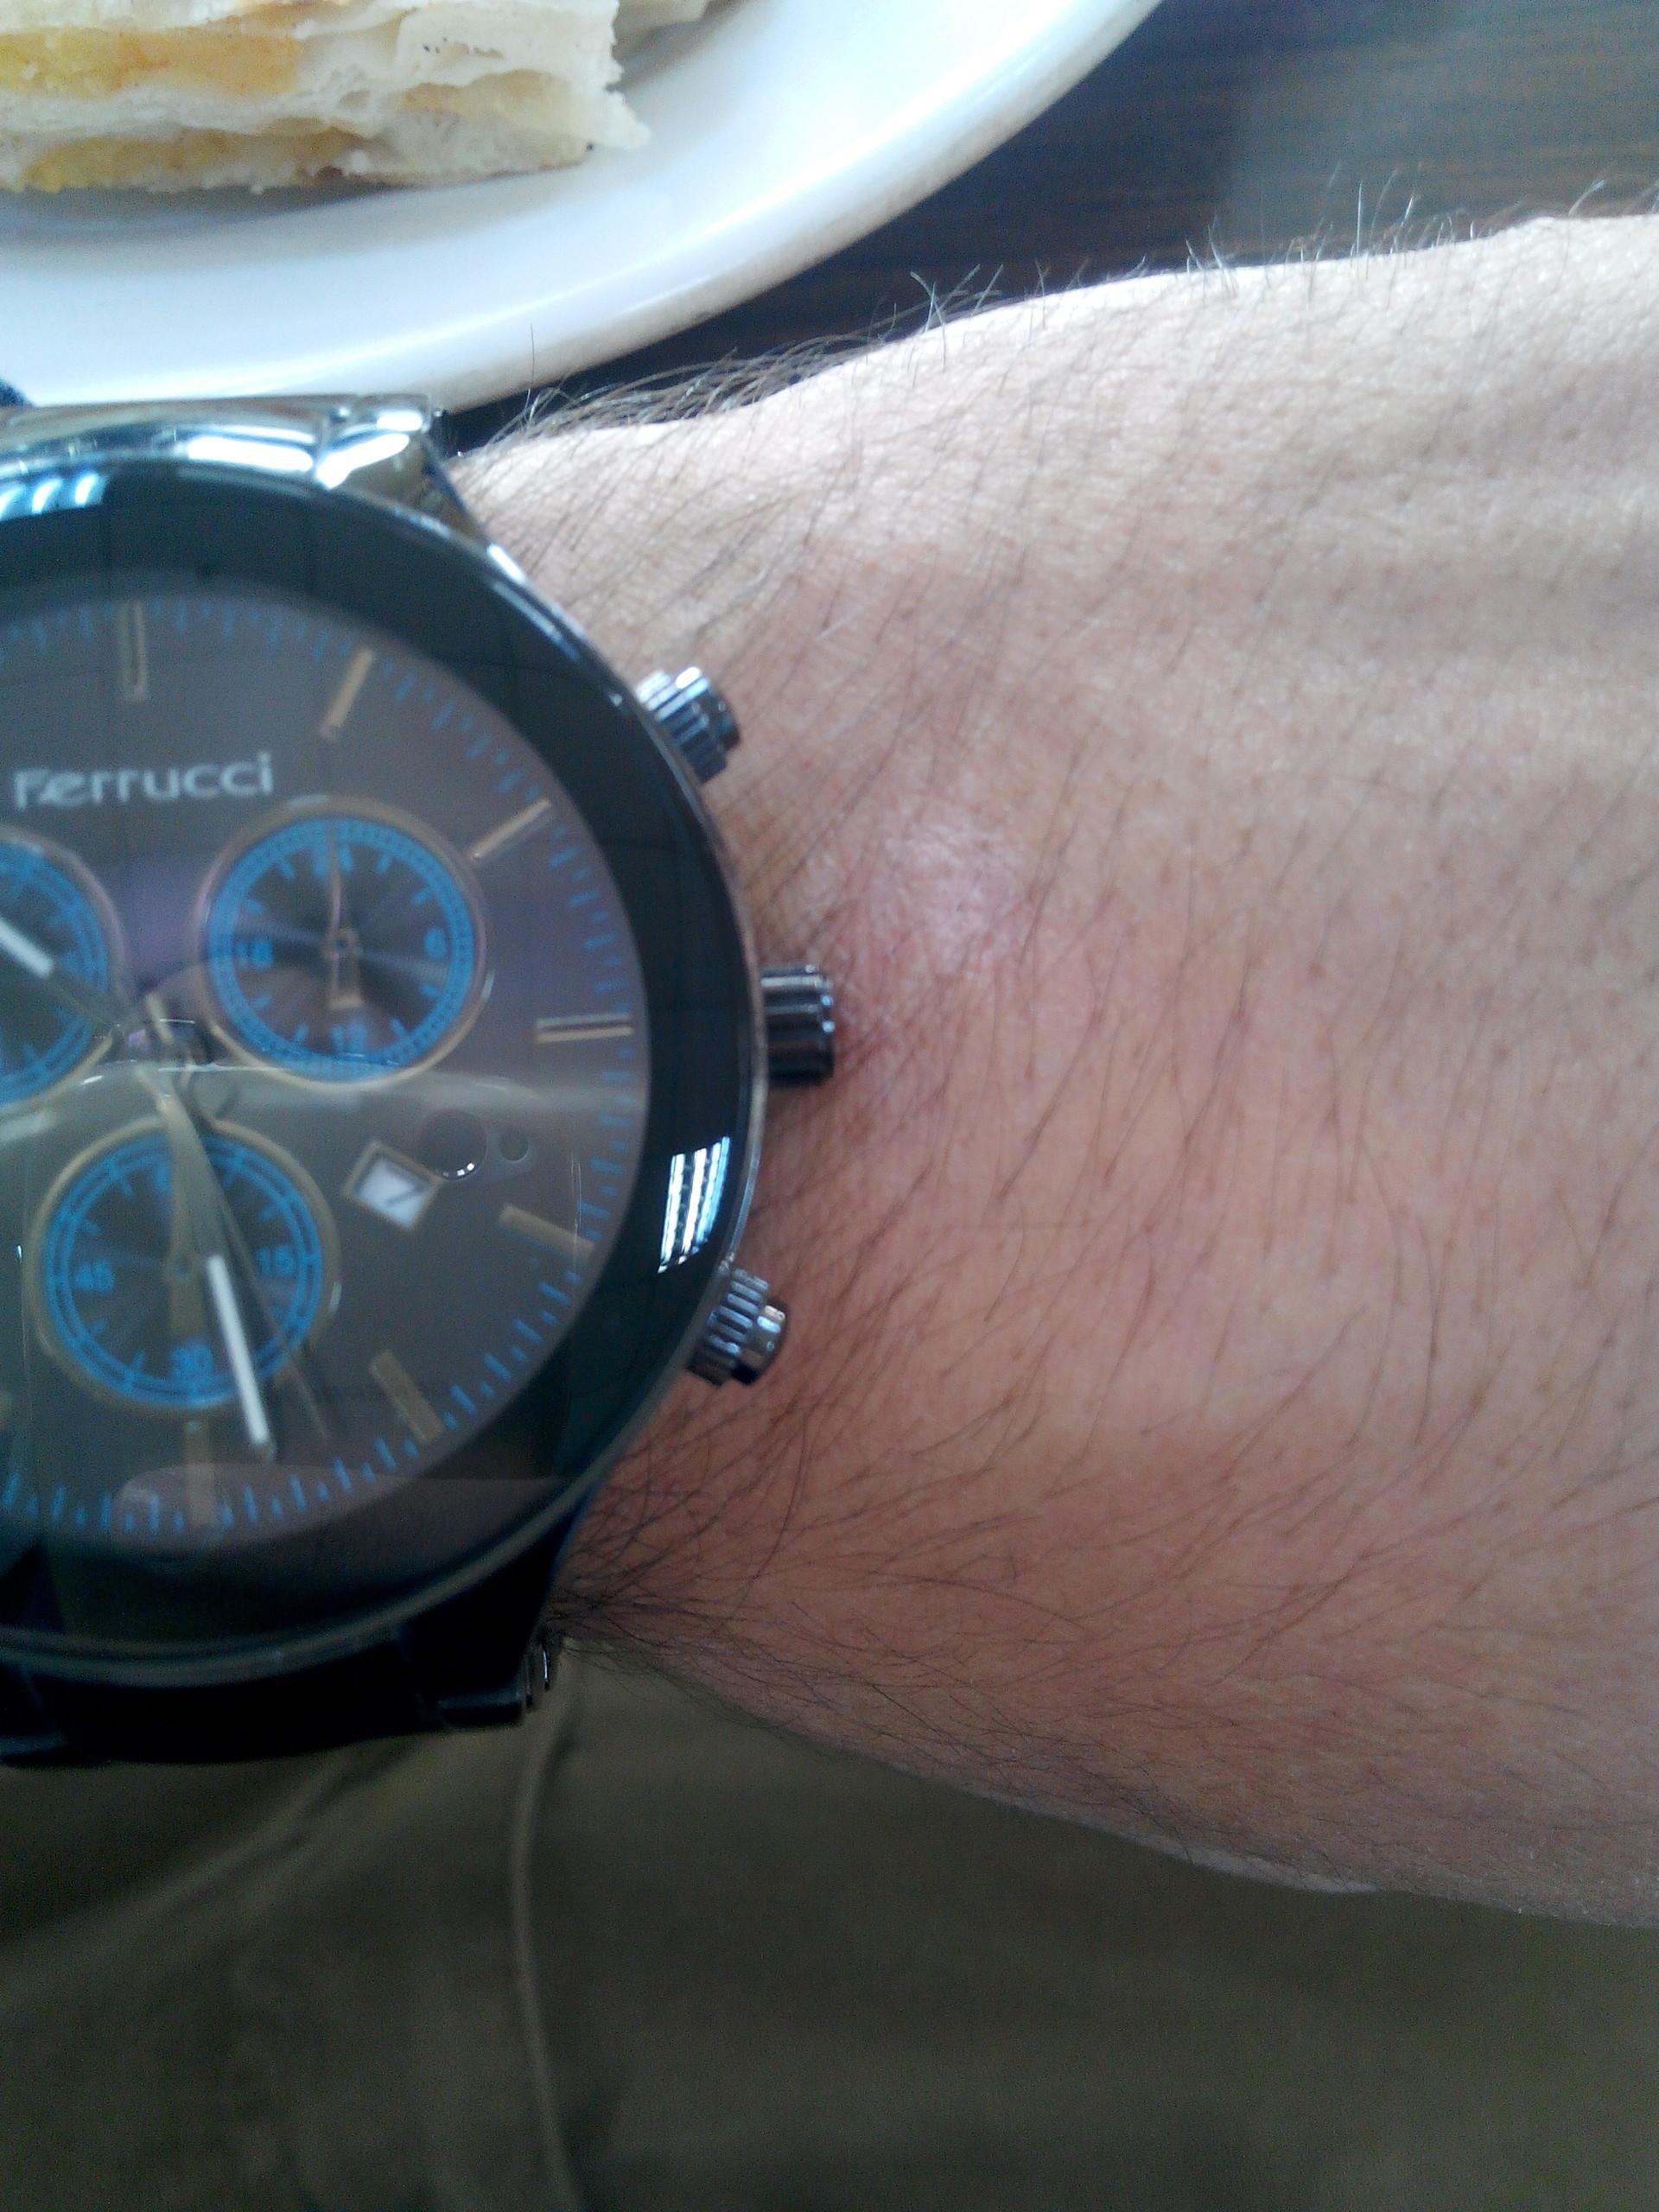 solakların şağ elini kullananlardan intikam almak için kol saati tasarımlarında yaptığı ibnelik